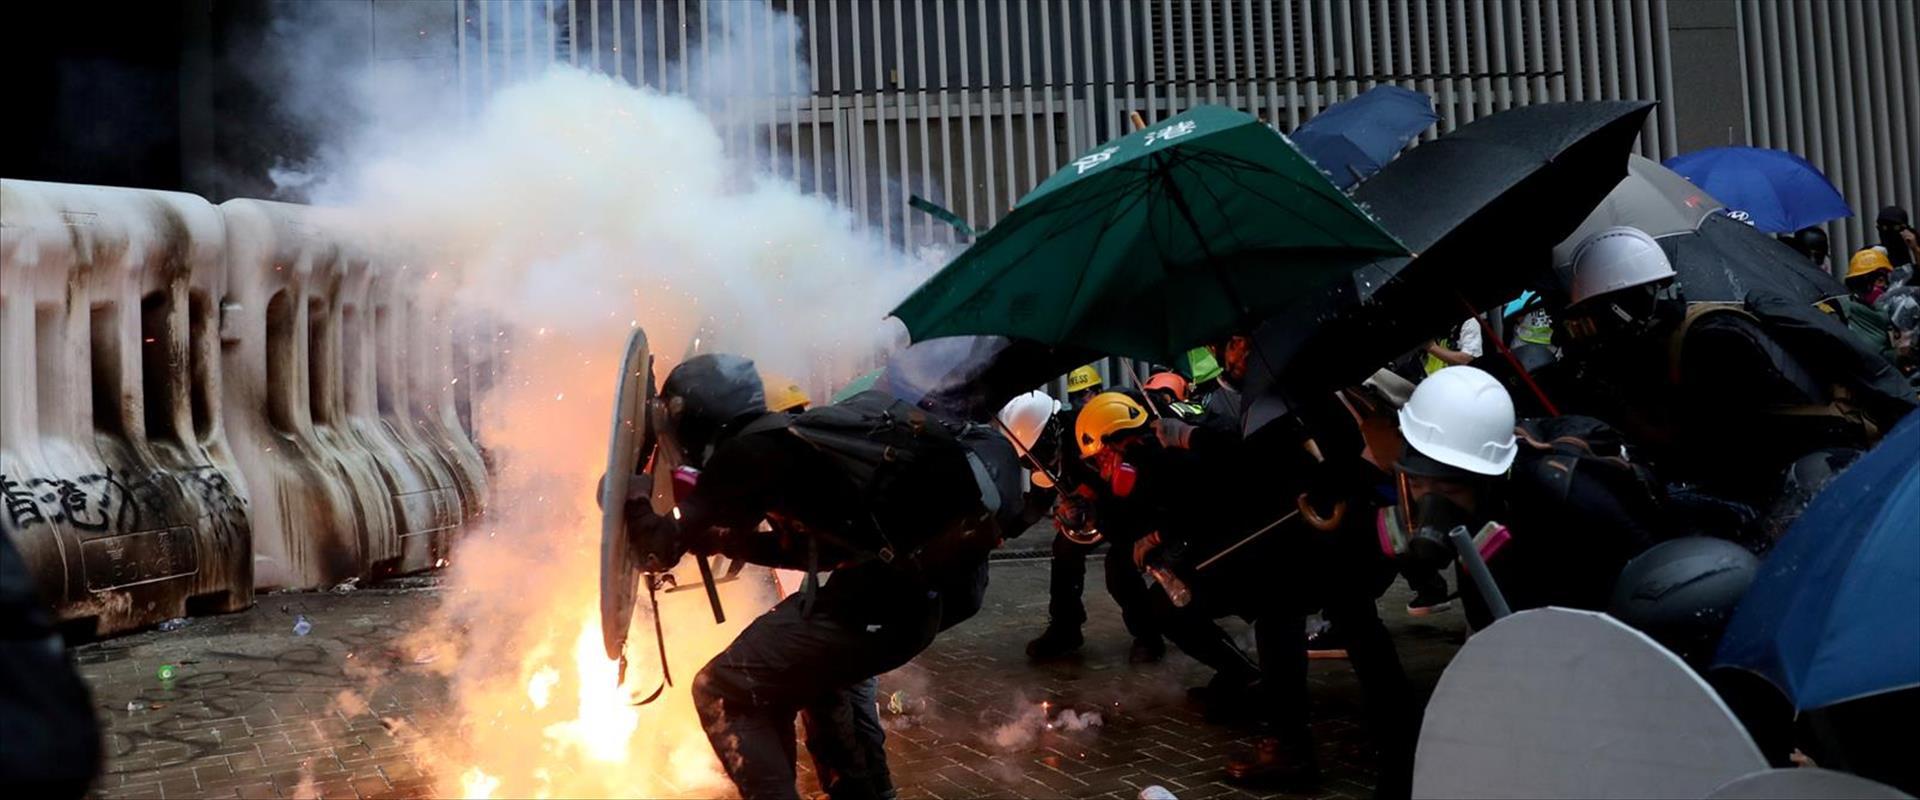 מחאות הפרו-דמוקרטים בהונג קונג, ספטמבר